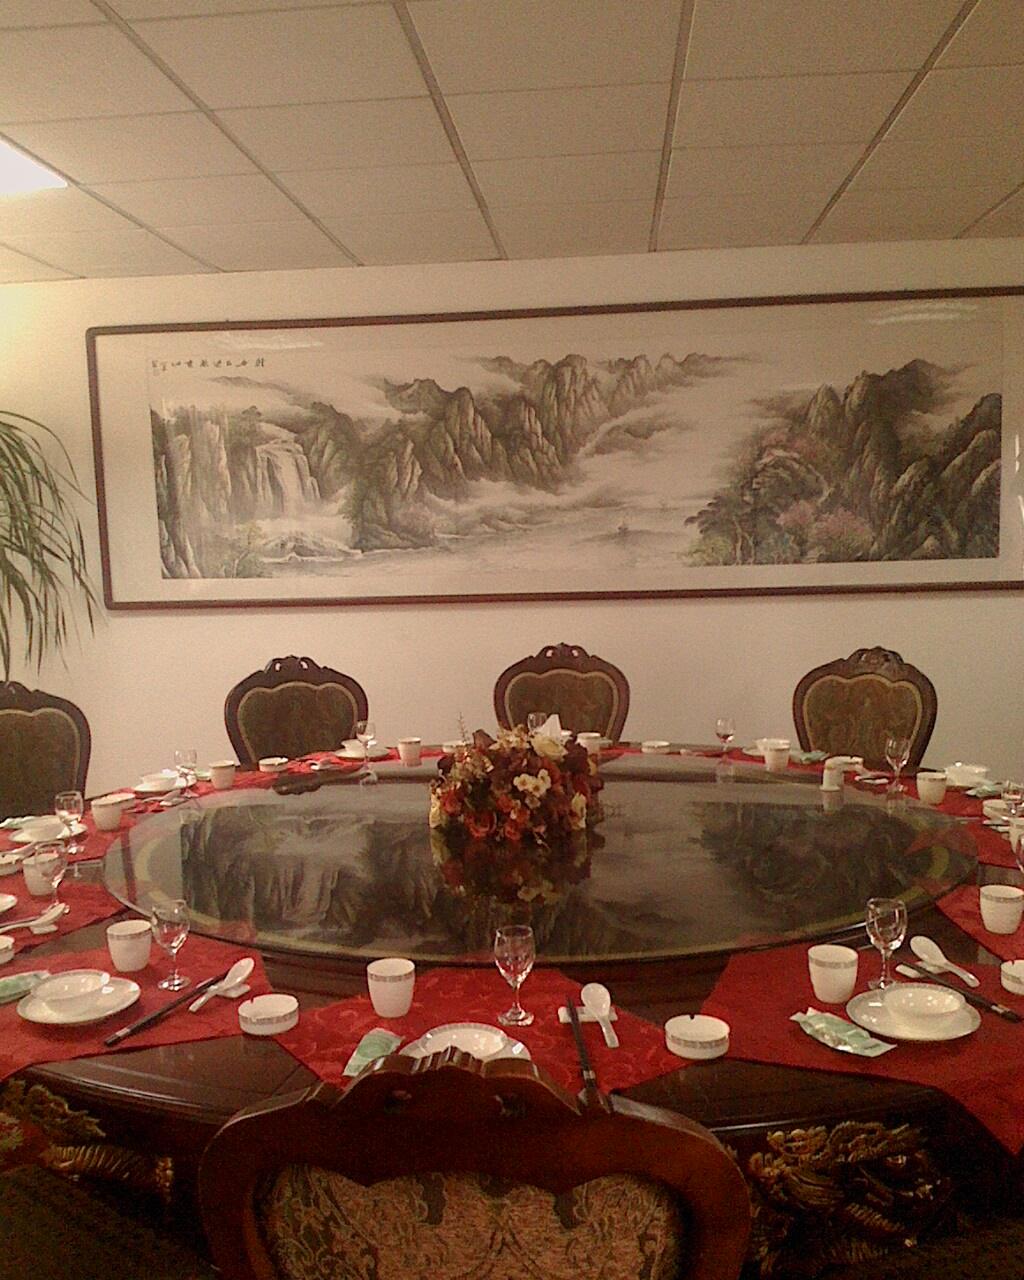 中餐宴会摆台主题设计要带图的图片